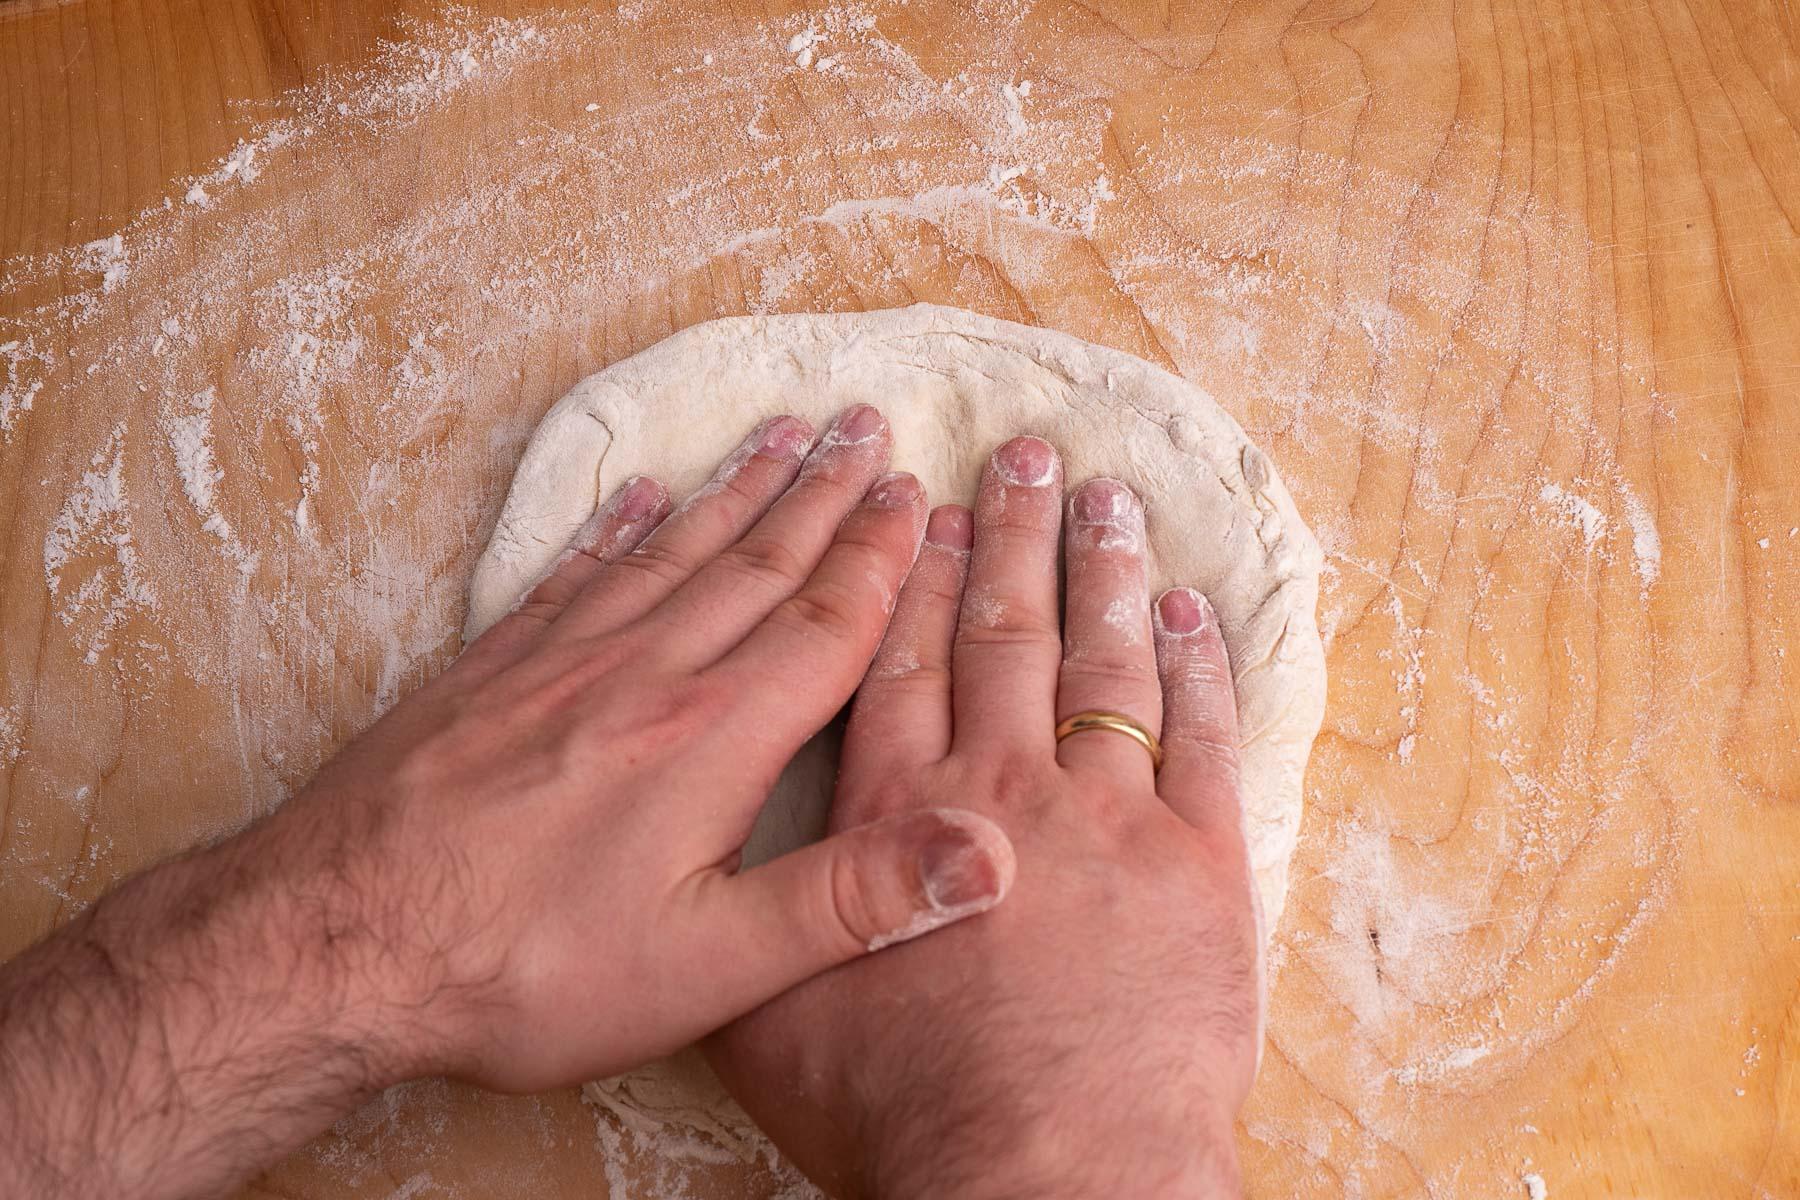 ugniatamy kulkę rozprowadzając ciasto od środka do brzegów